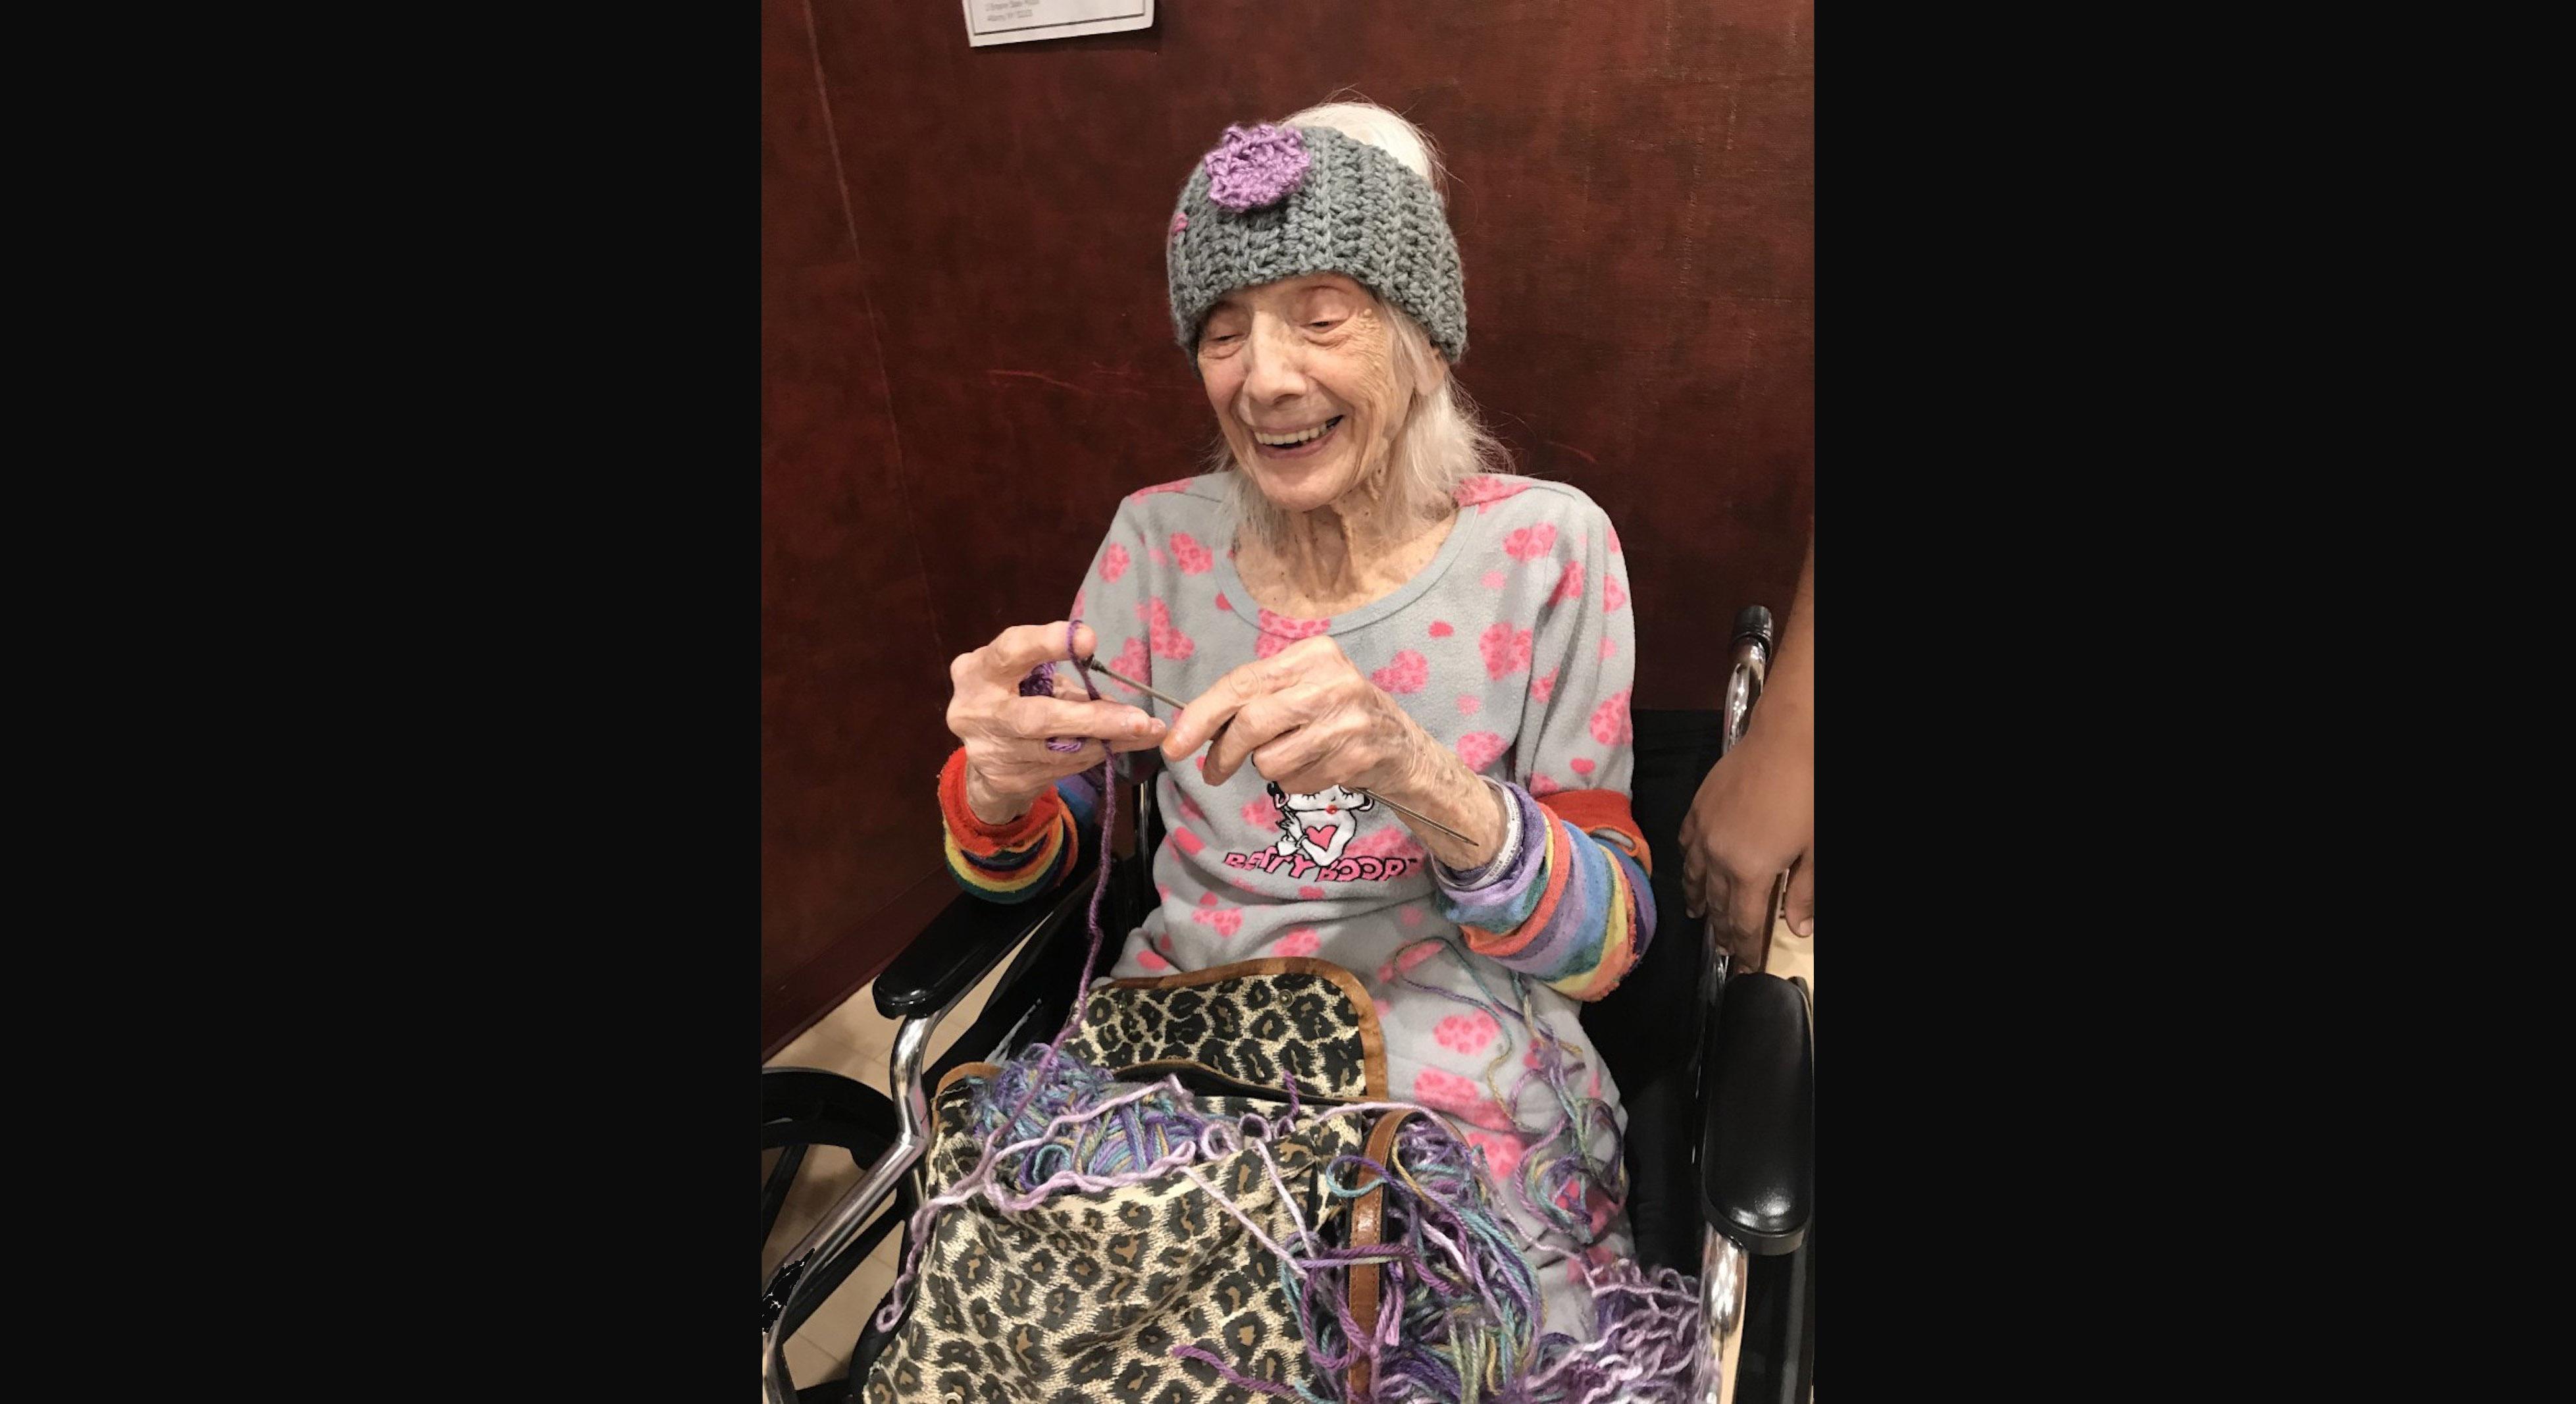 Angelina Friedman sobreviveu à gripe espanhola e ao coronavírus